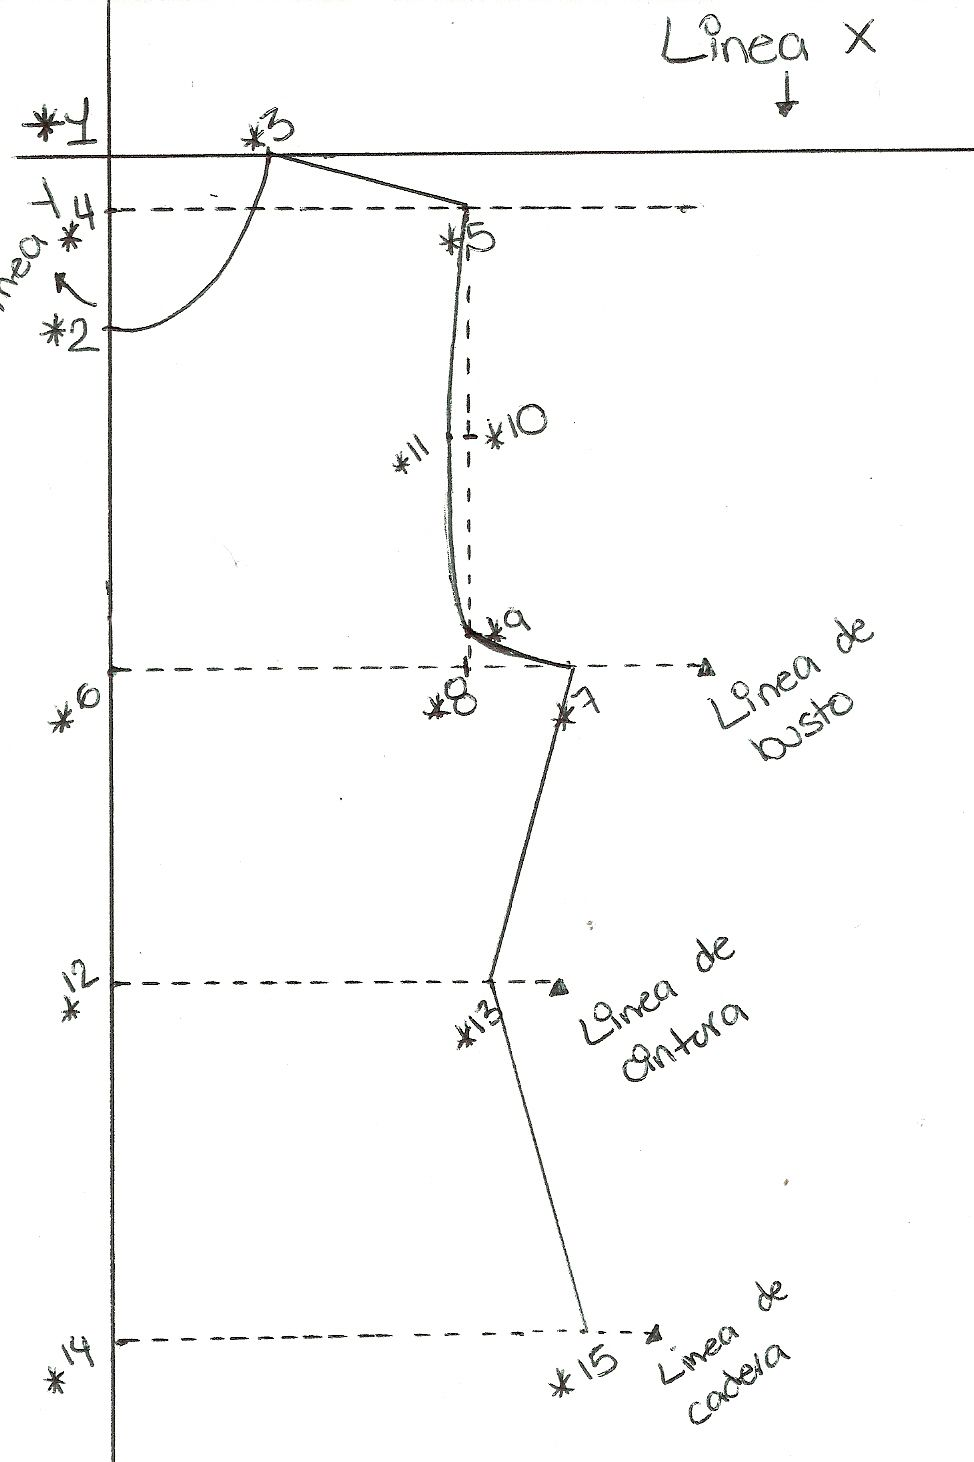 EL RINCON DE LA COSTURA: Trazar patron base de blusa | costuras ...